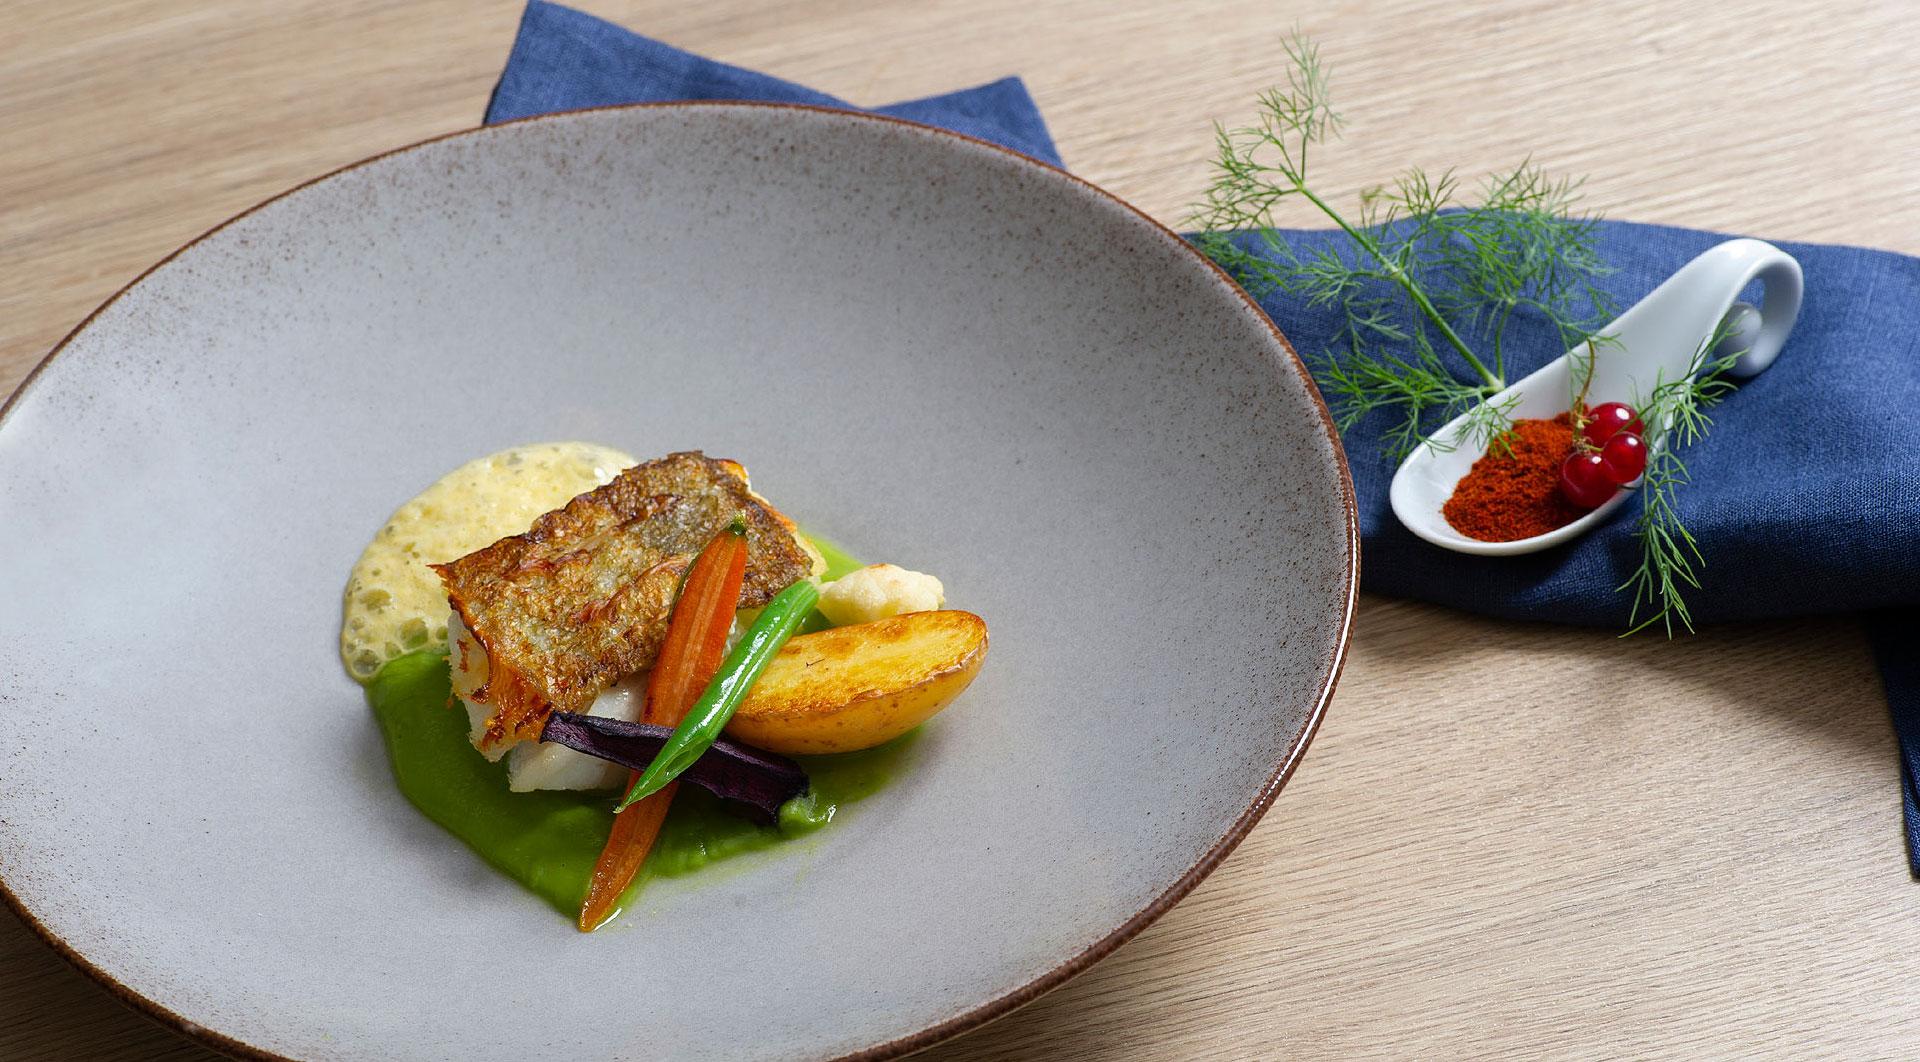 koekken_restaurant_food_benen-diken-hof_2020_02-8